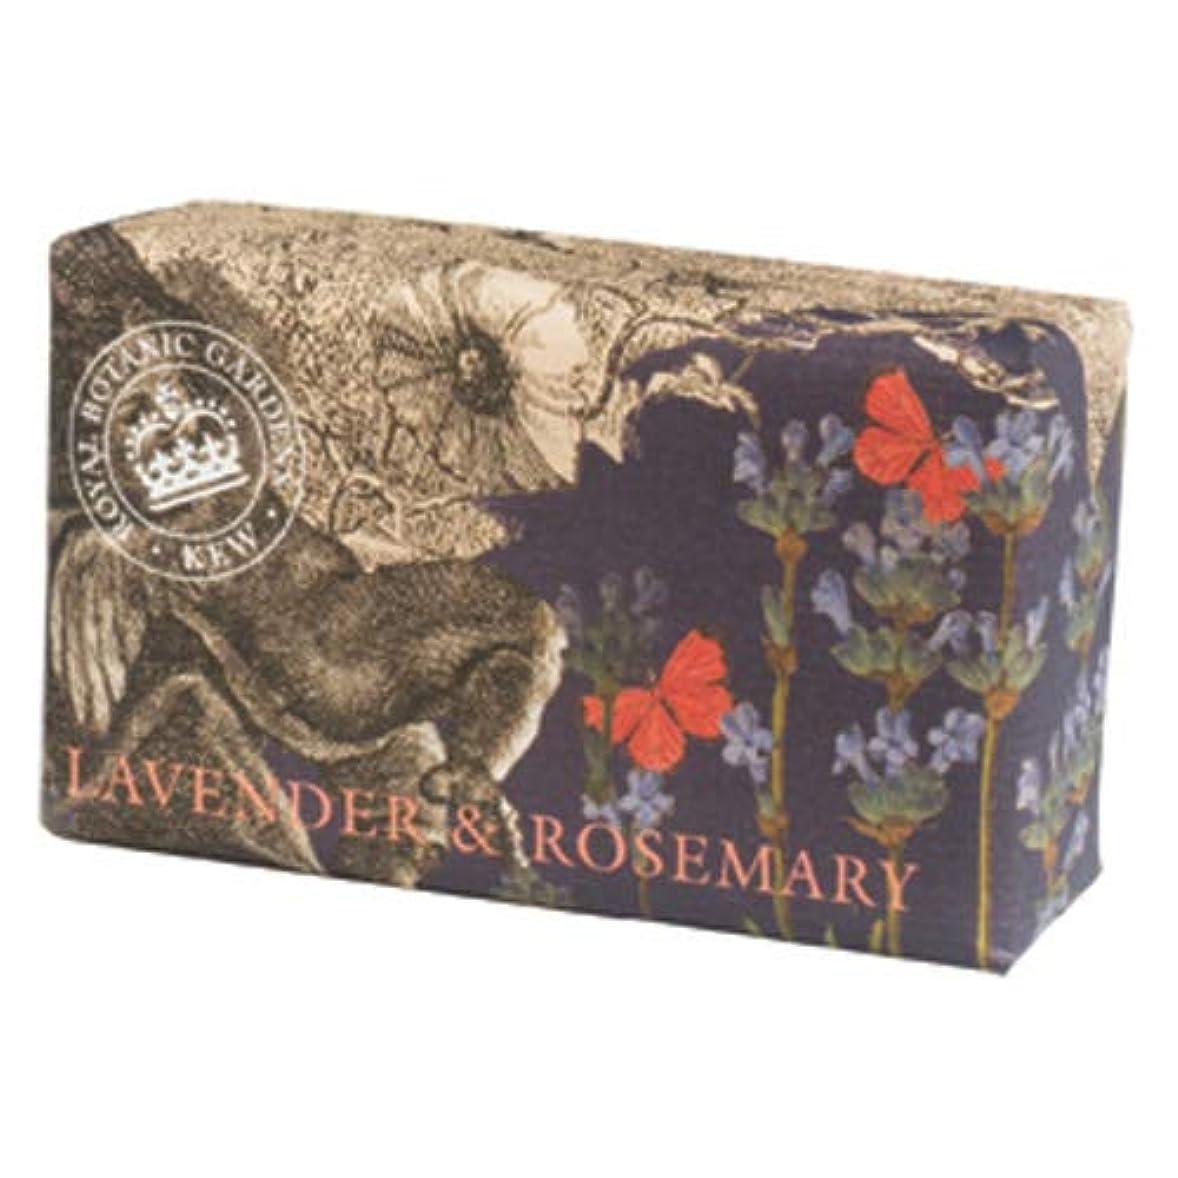 入場料広告教義English Soap Company イングリッシュソープカンパニー KEW GARDEN キュー?ガーデン Luxury Shea Soaps シアソープ Lavender & Rosemary ラベンダー&ローズマリー